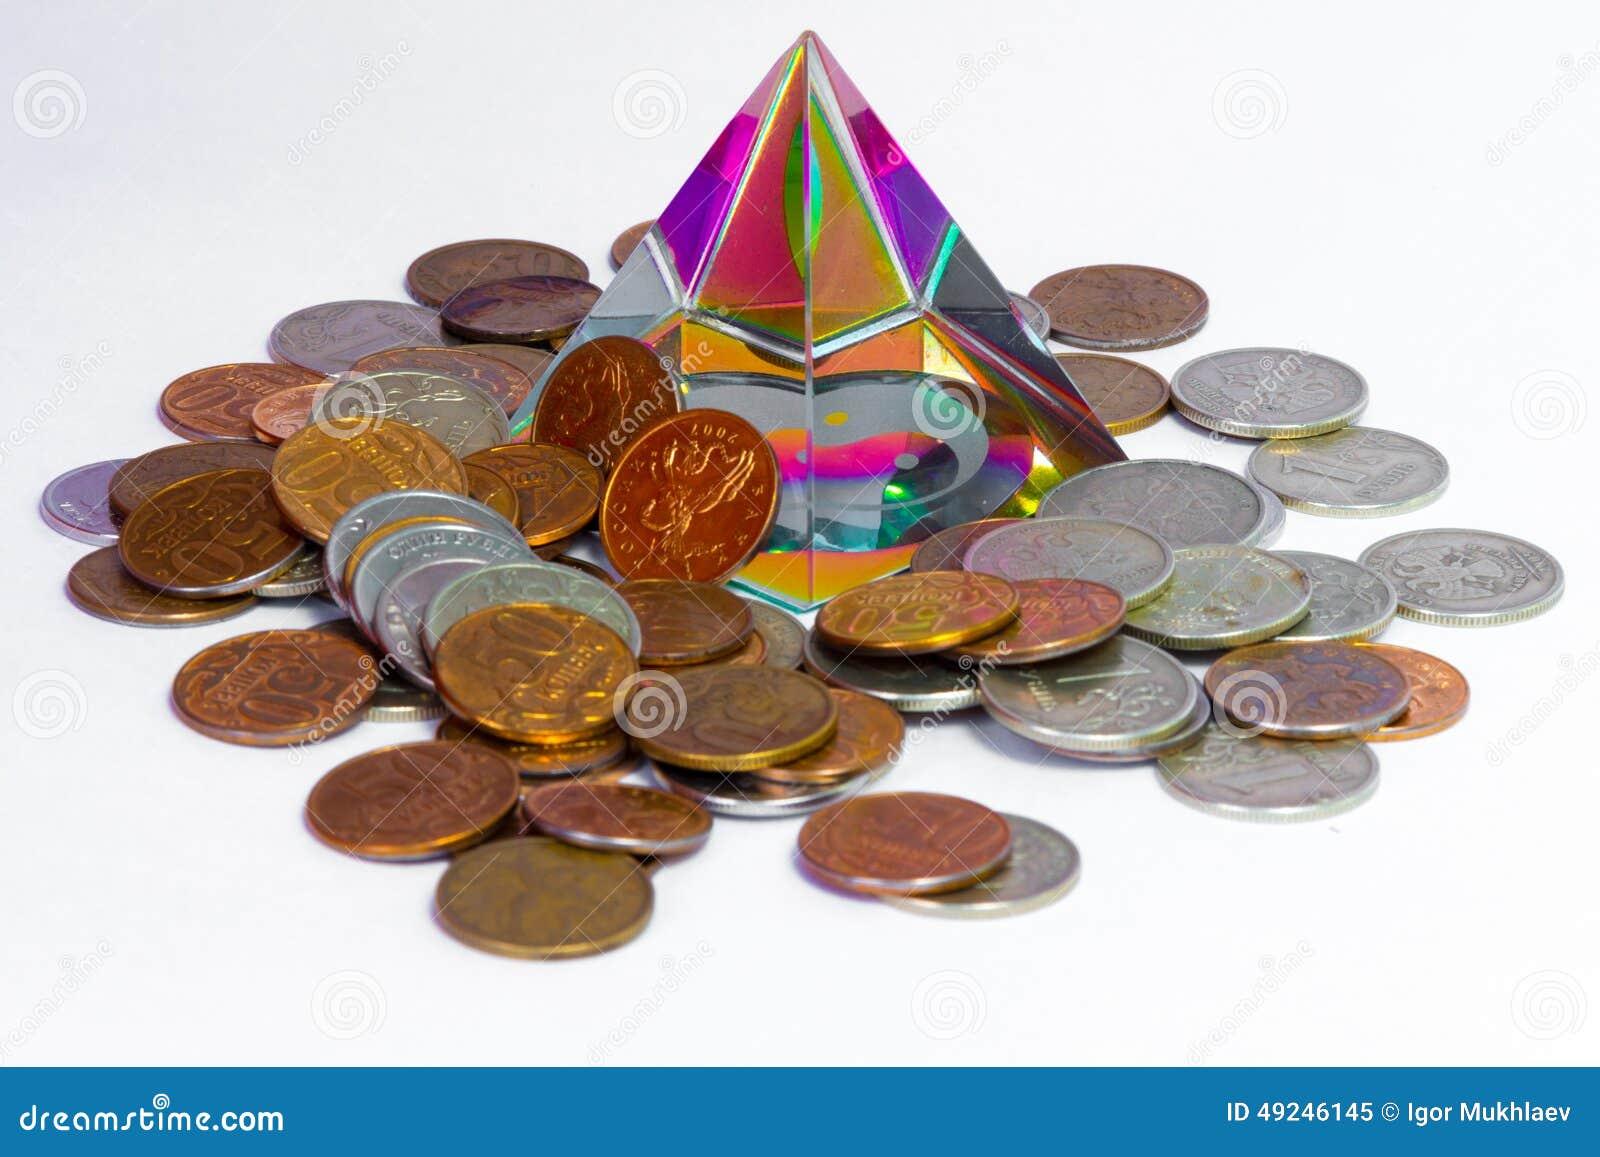 Feng Shui Pyramide Und Münzen Stockbild Bild Von Braun Besitzen